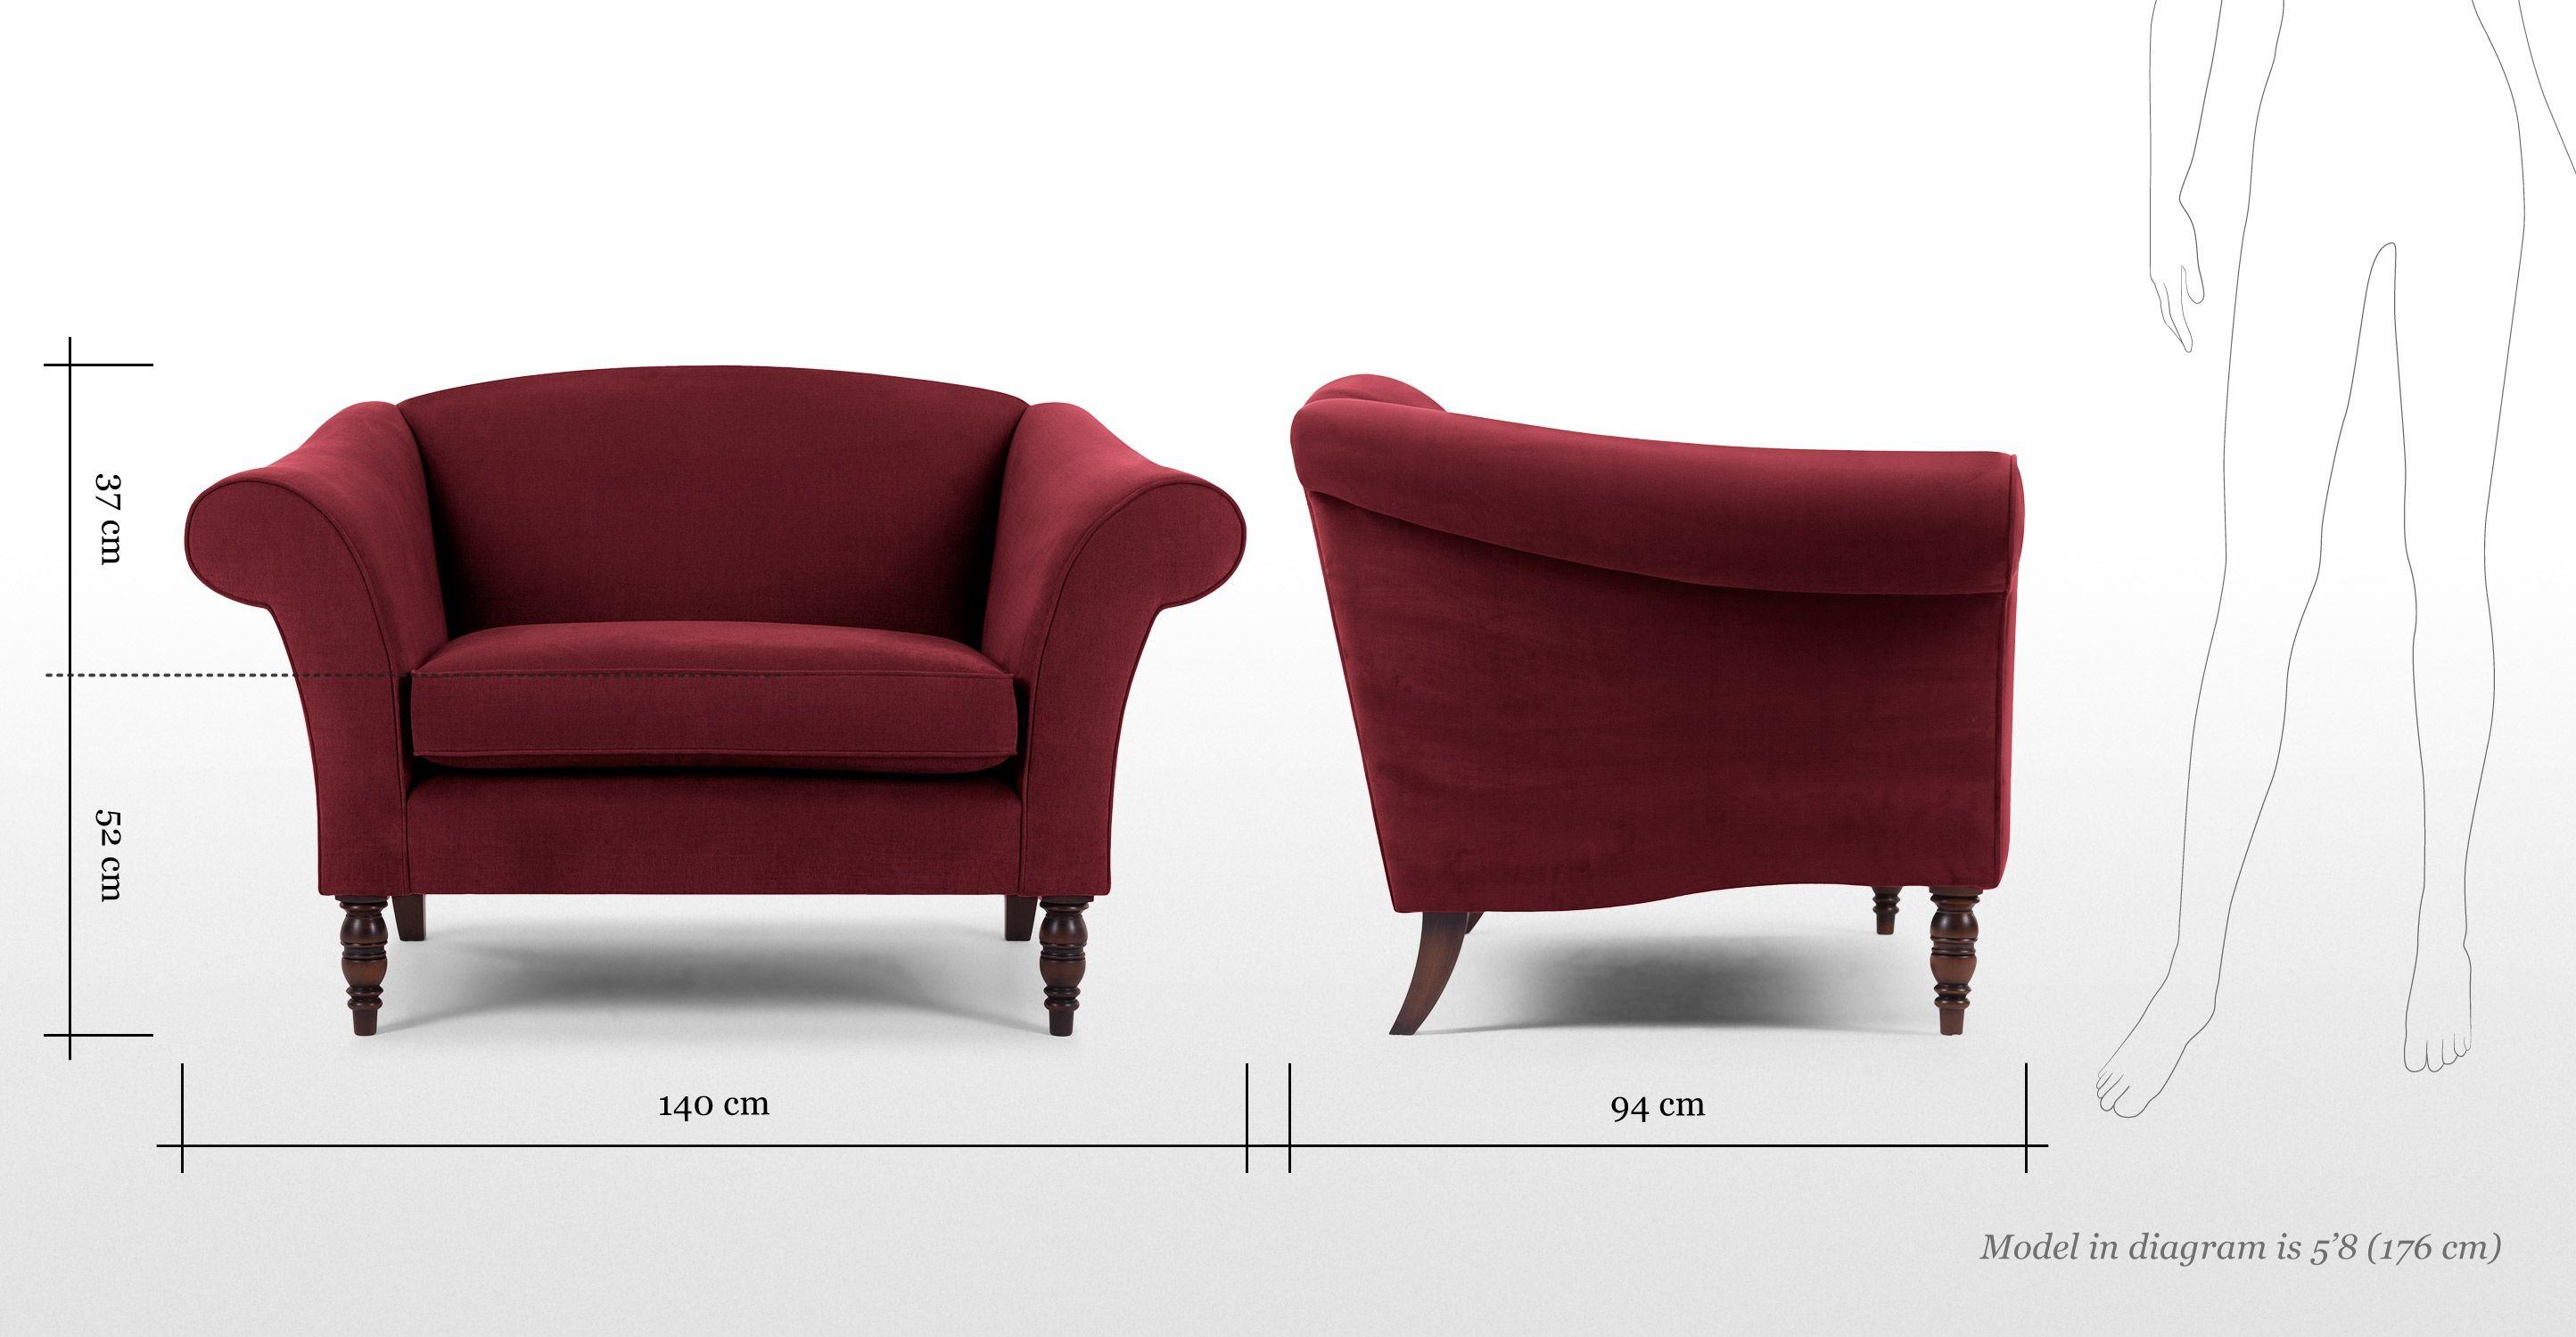 Garston รักที่นั่งสีแดงพระคาร์ดินัล | made.com